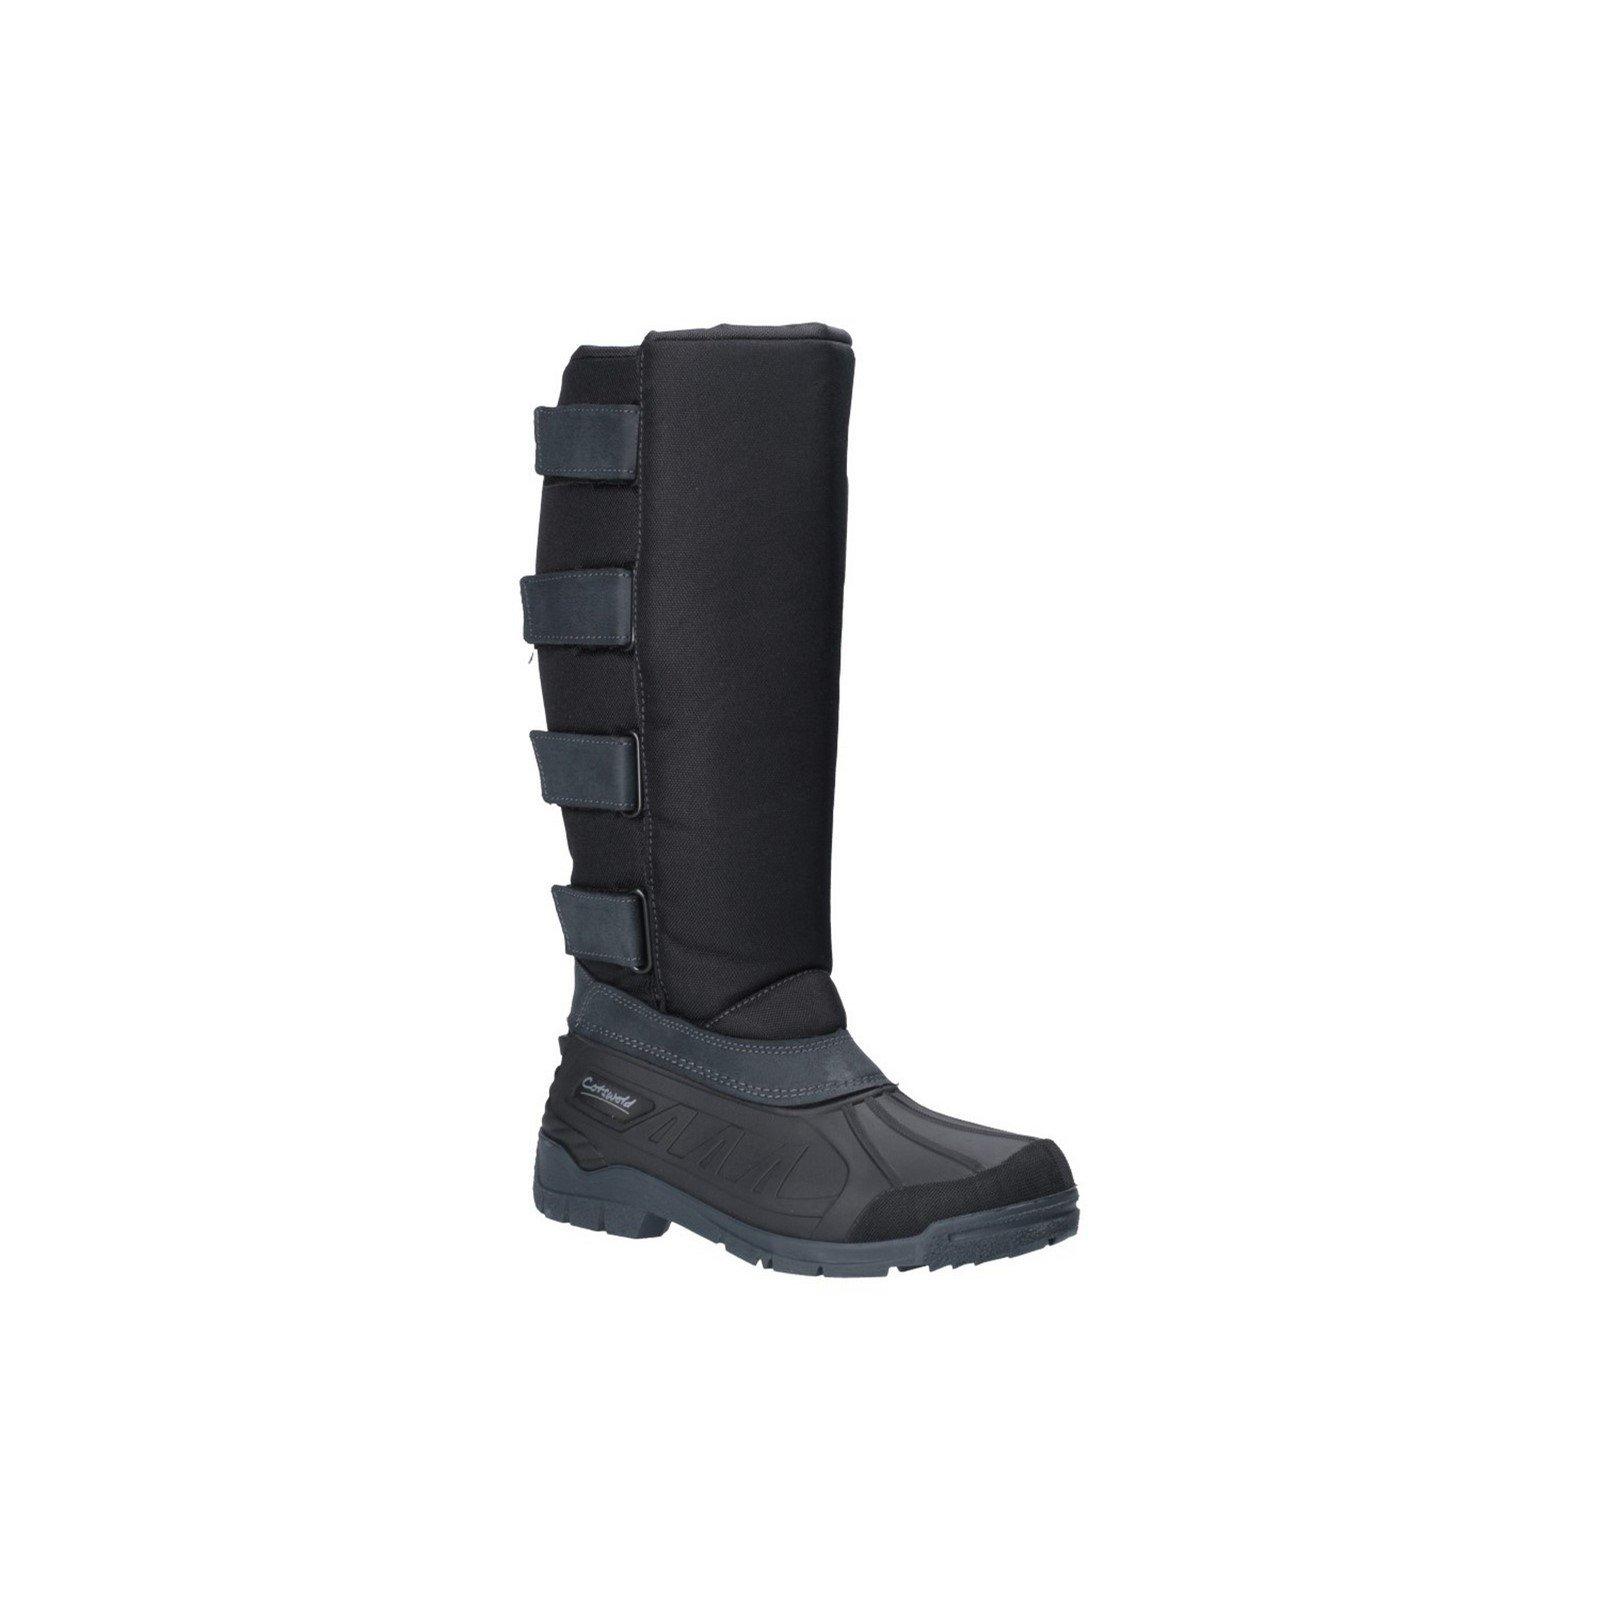 Cotswold Unisex Kemble Short Wellington Boot Black 26170 - Black 9